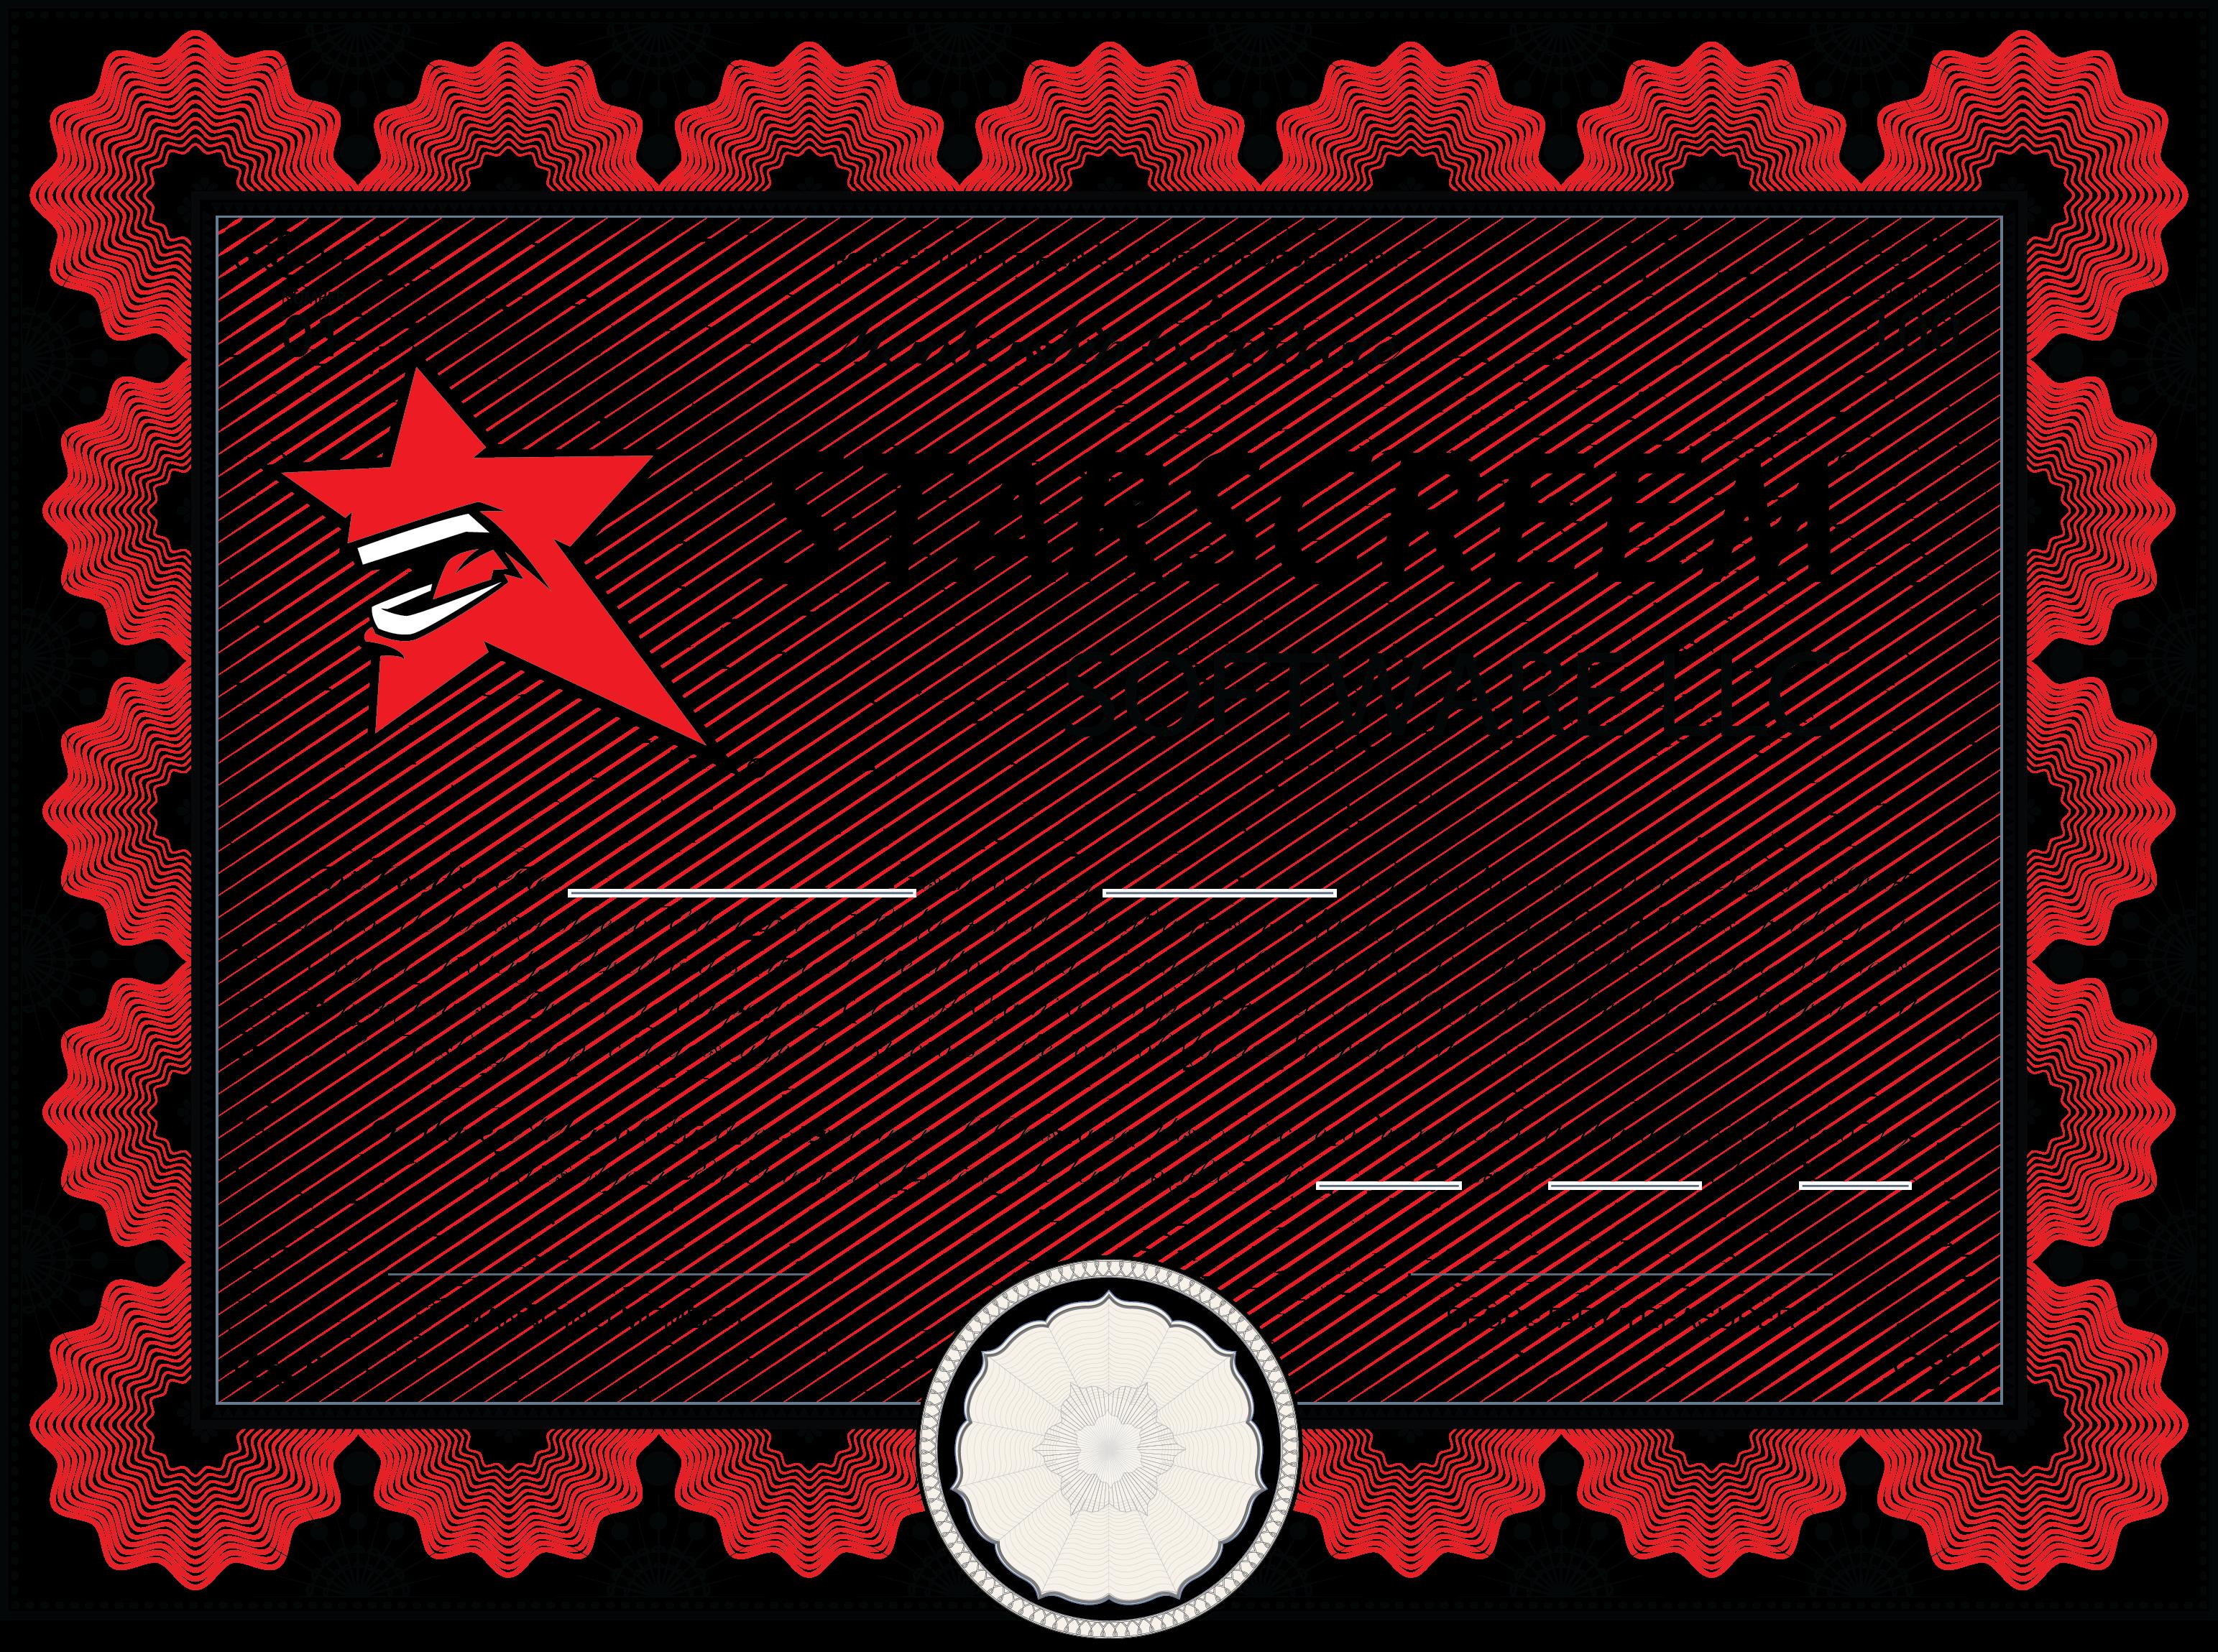 Starscreem_Membership_Certificate_2